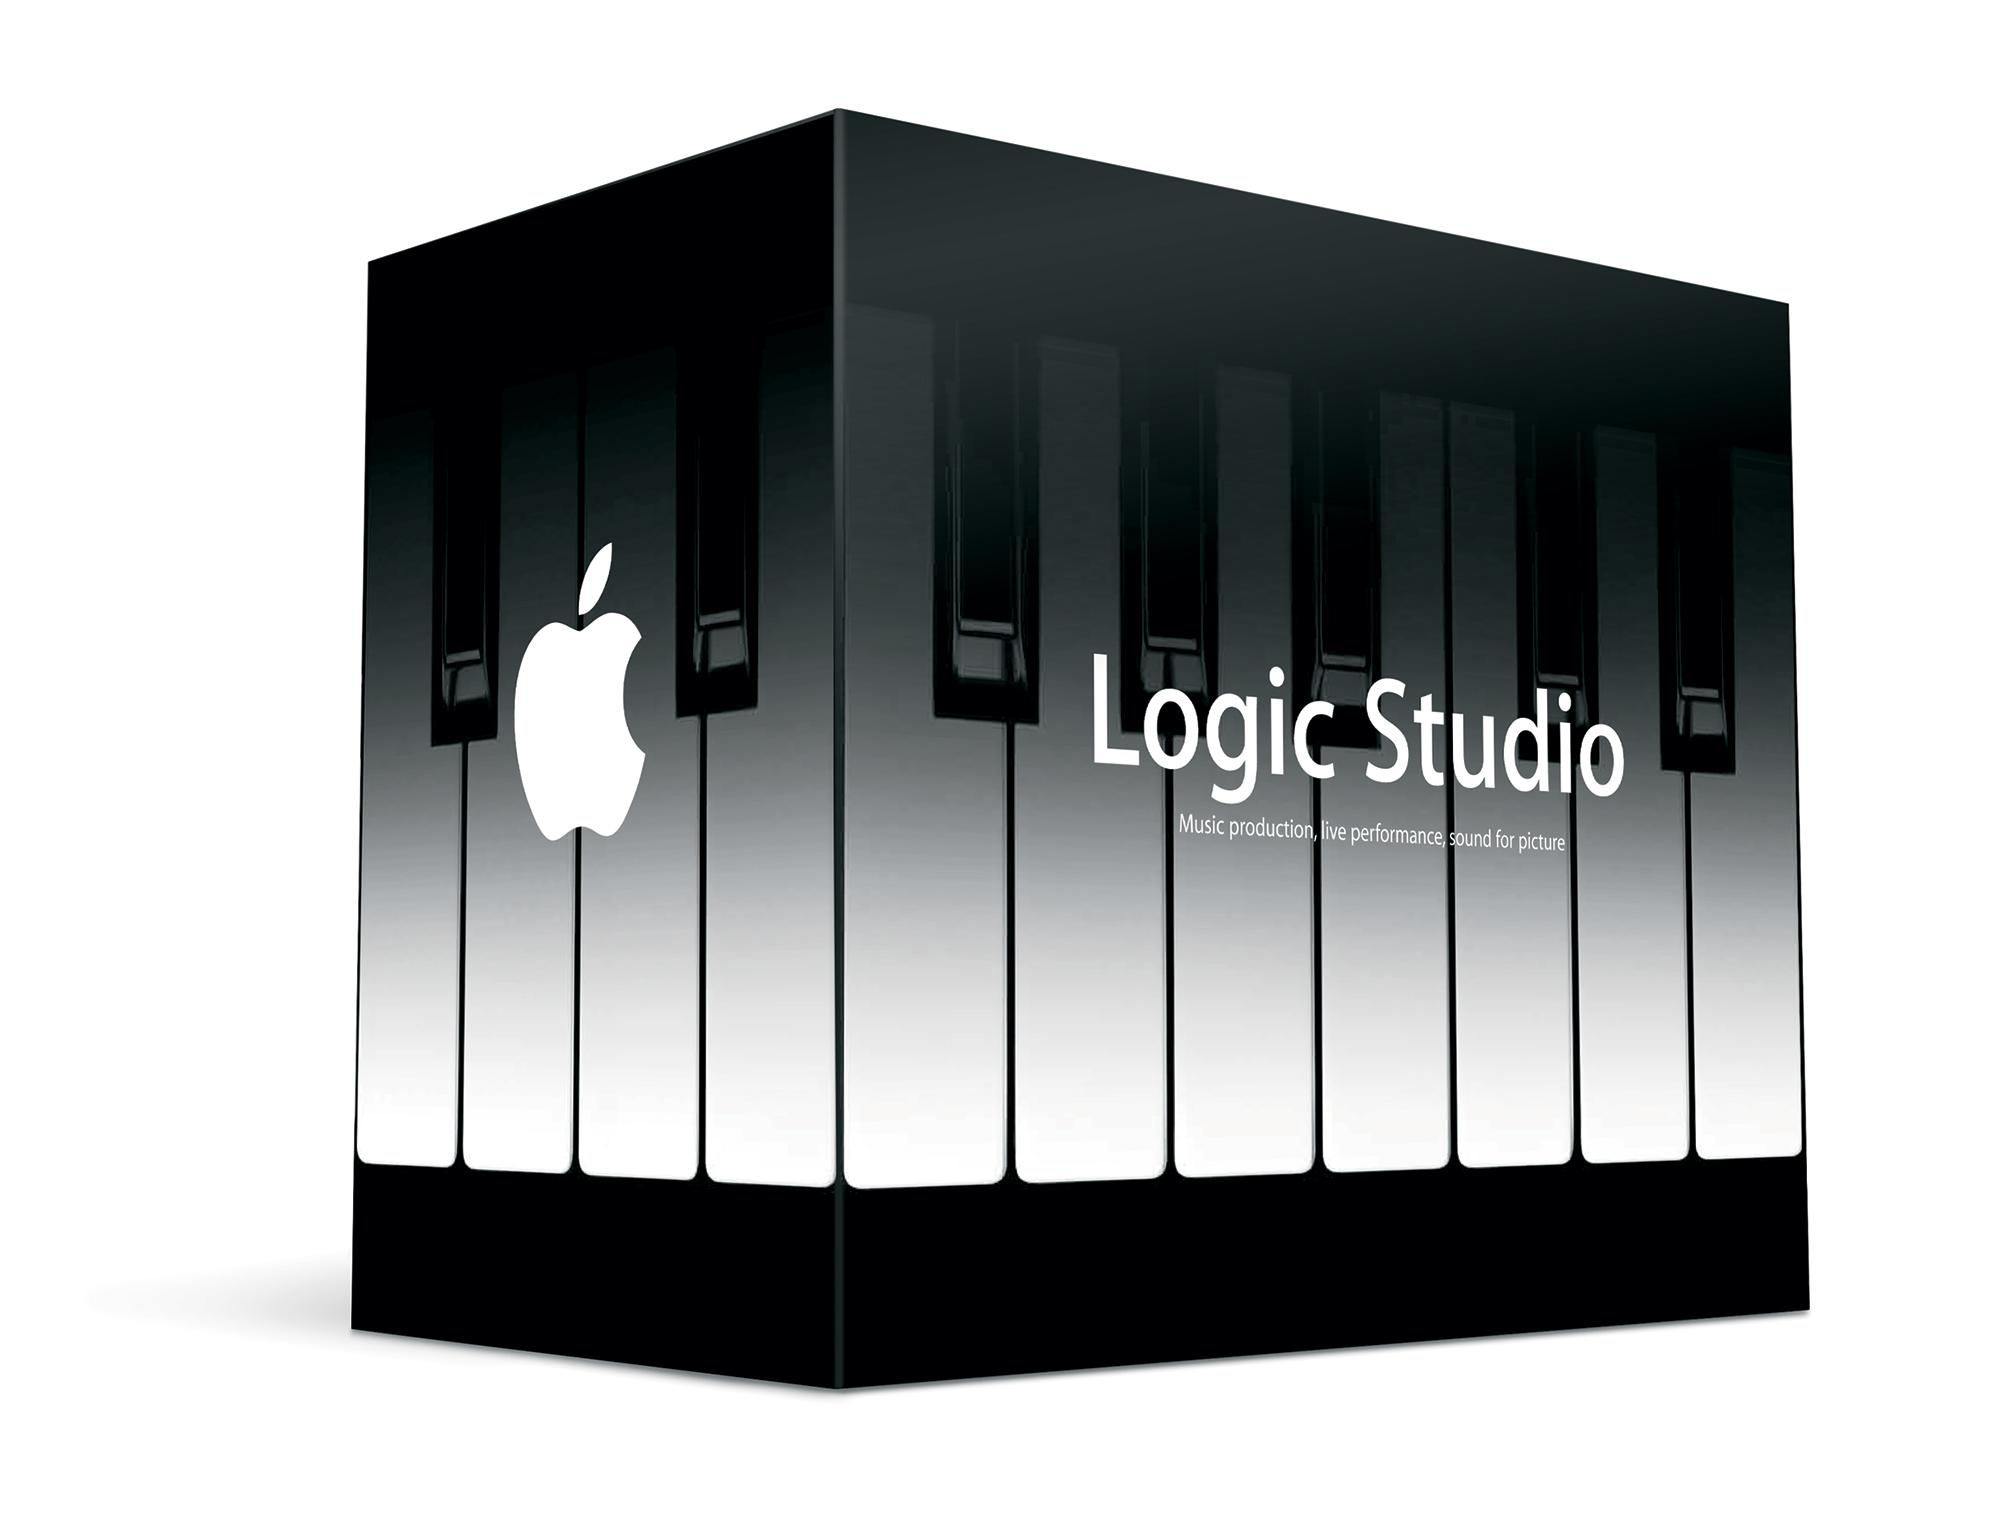 07logicstudio_box